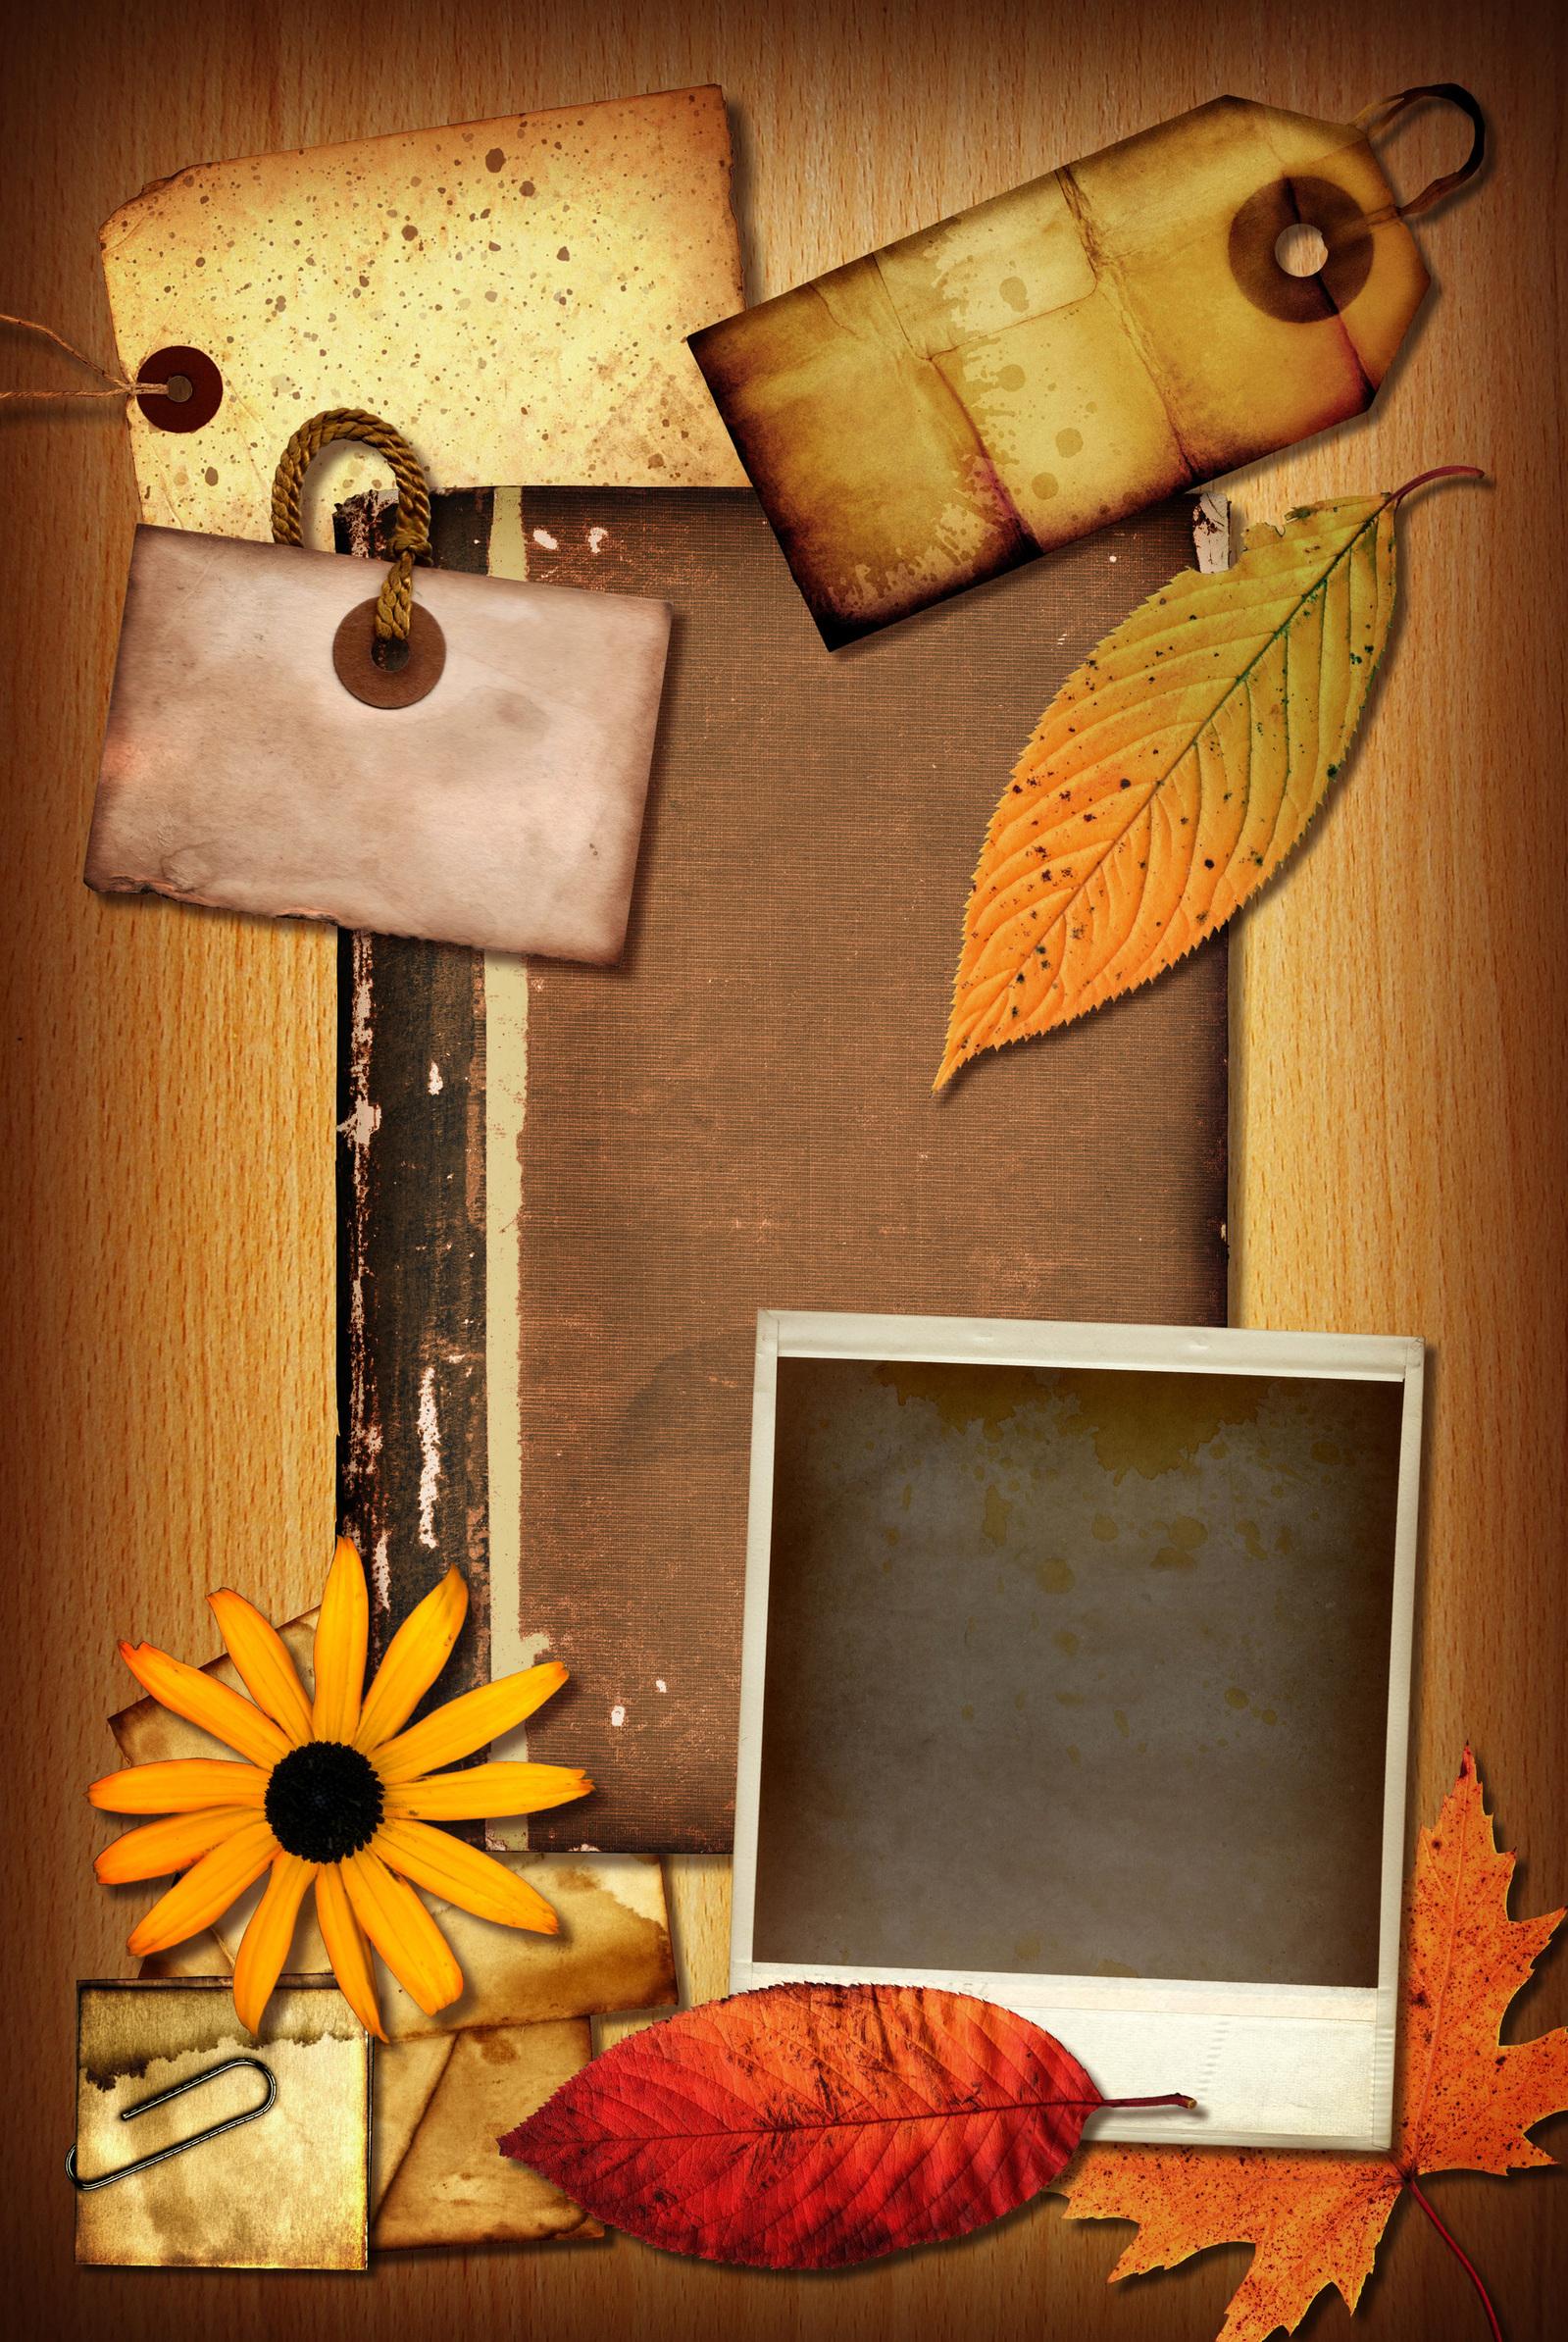 Fun autumn flower crafts